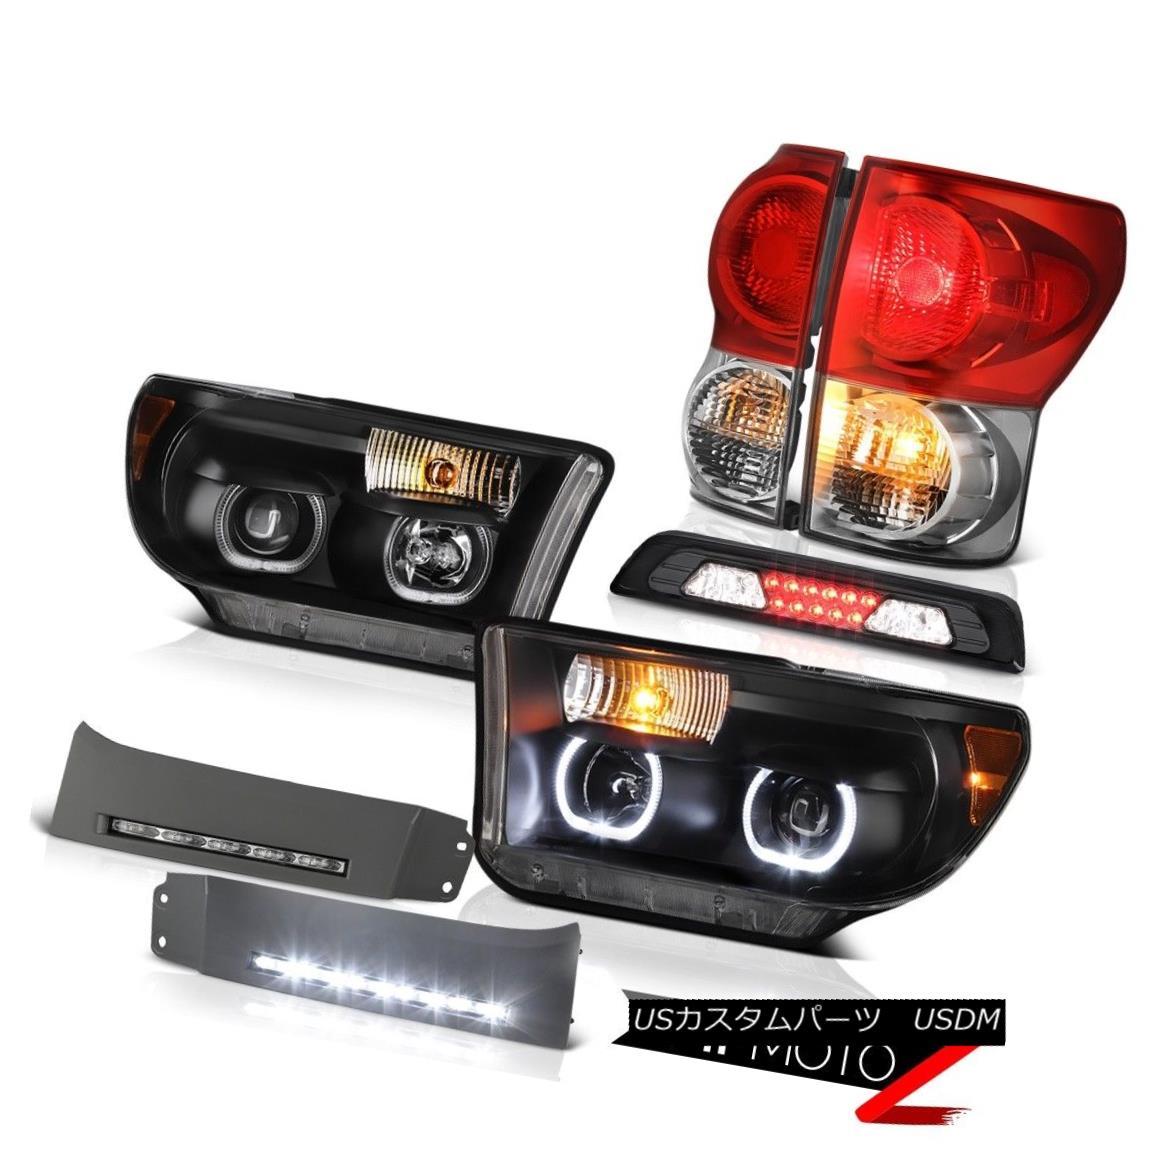 ヘッドライト 07-13 Toyota Tundra SR5 Headlights Bumper DRL Smoked Roof Cab Light Taillamps 07-13トヨタトンドラSR5ヘッドランプバンパーDRLスモークルーフキャブライトテールランプ